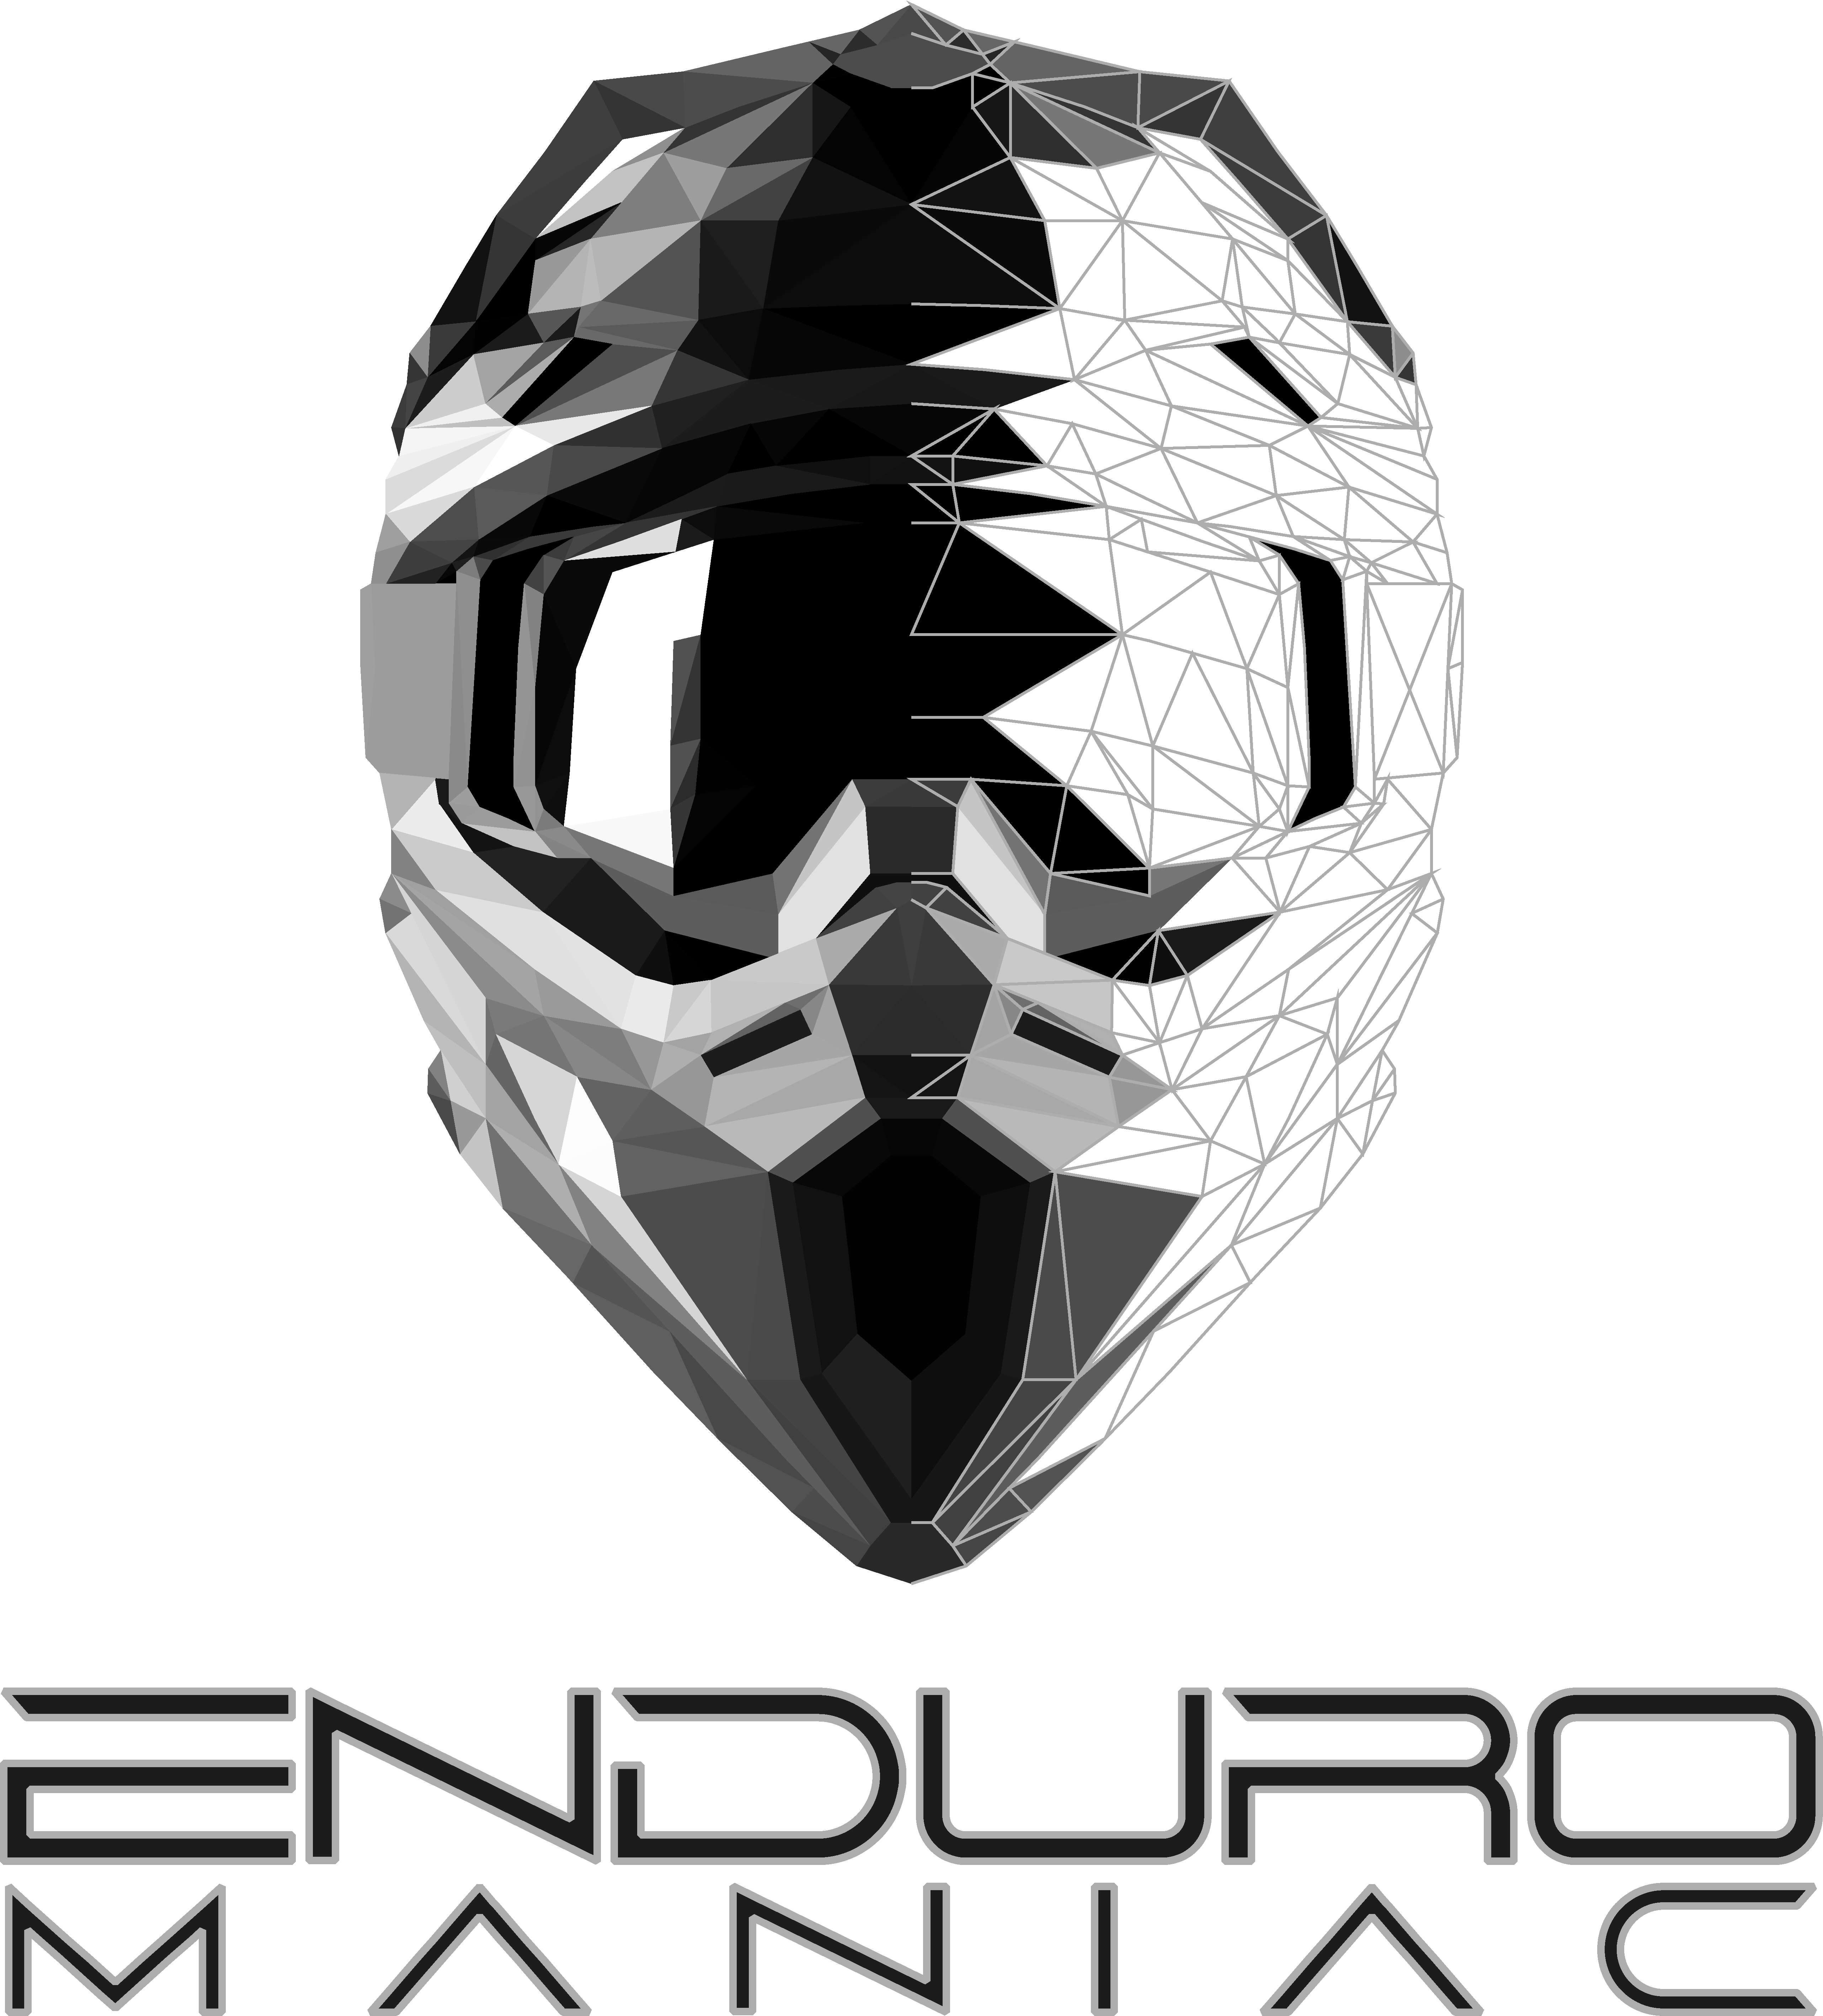 ENDURO MANIAC